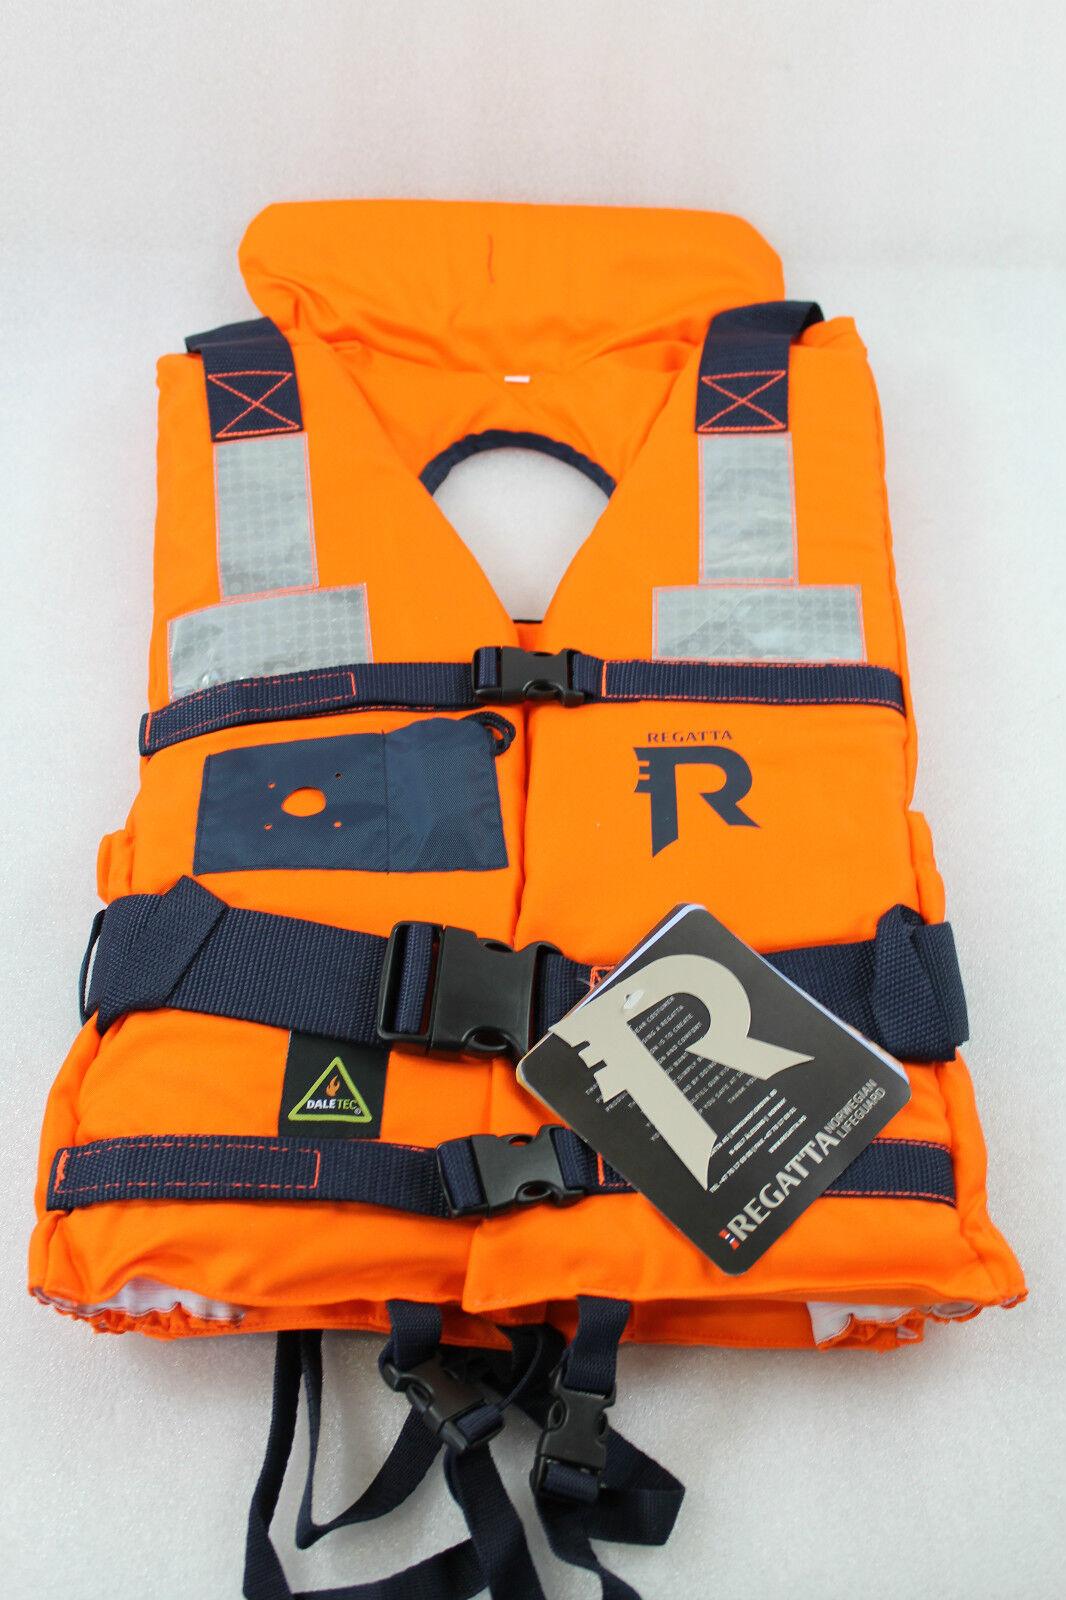 Regatta Schwimmweste Arbeits- Arbeits- Arbeits- und Rettungsweste, 70+ kg, Reflektorstreifen NEU  | Garantiere Qualität und Quantität  1b8796